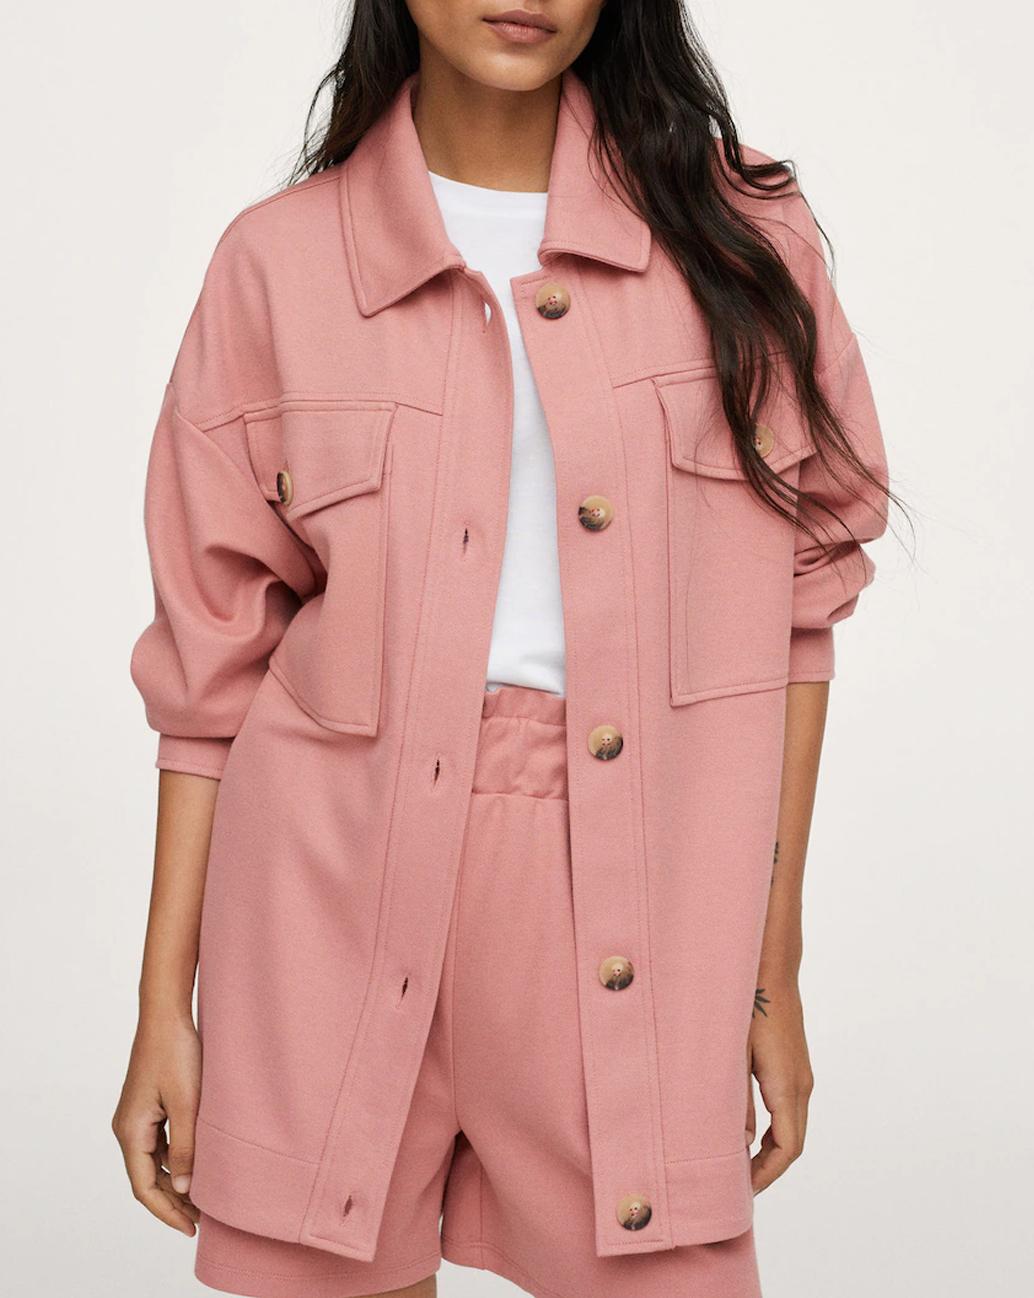 pink shirt women 2021